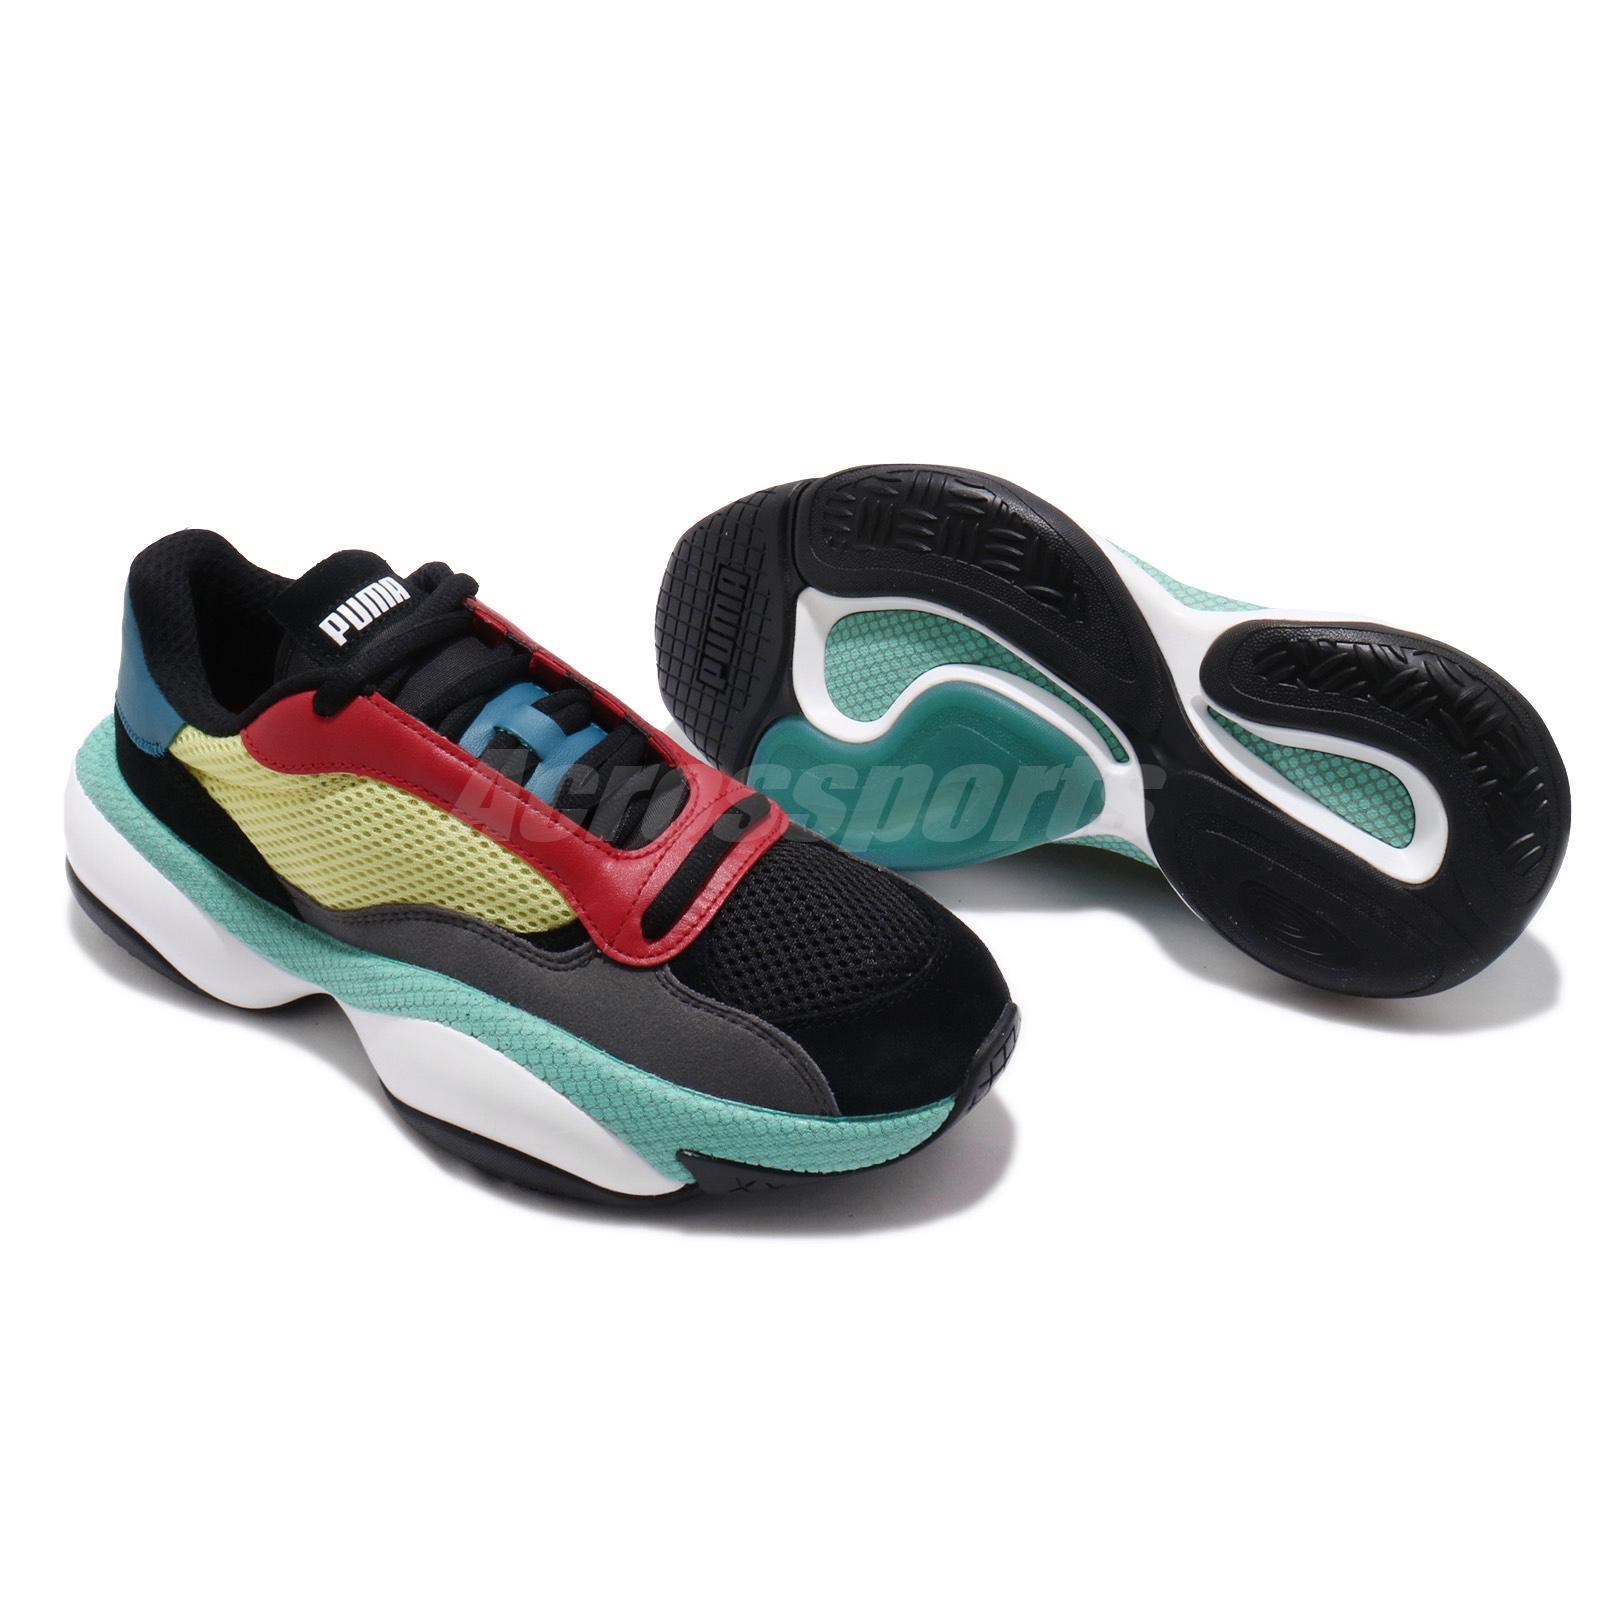 Puma Men/'s  Alteration Kurve Shoes NEW AUTHENTIC Black//Lime 36979402 SZ:9